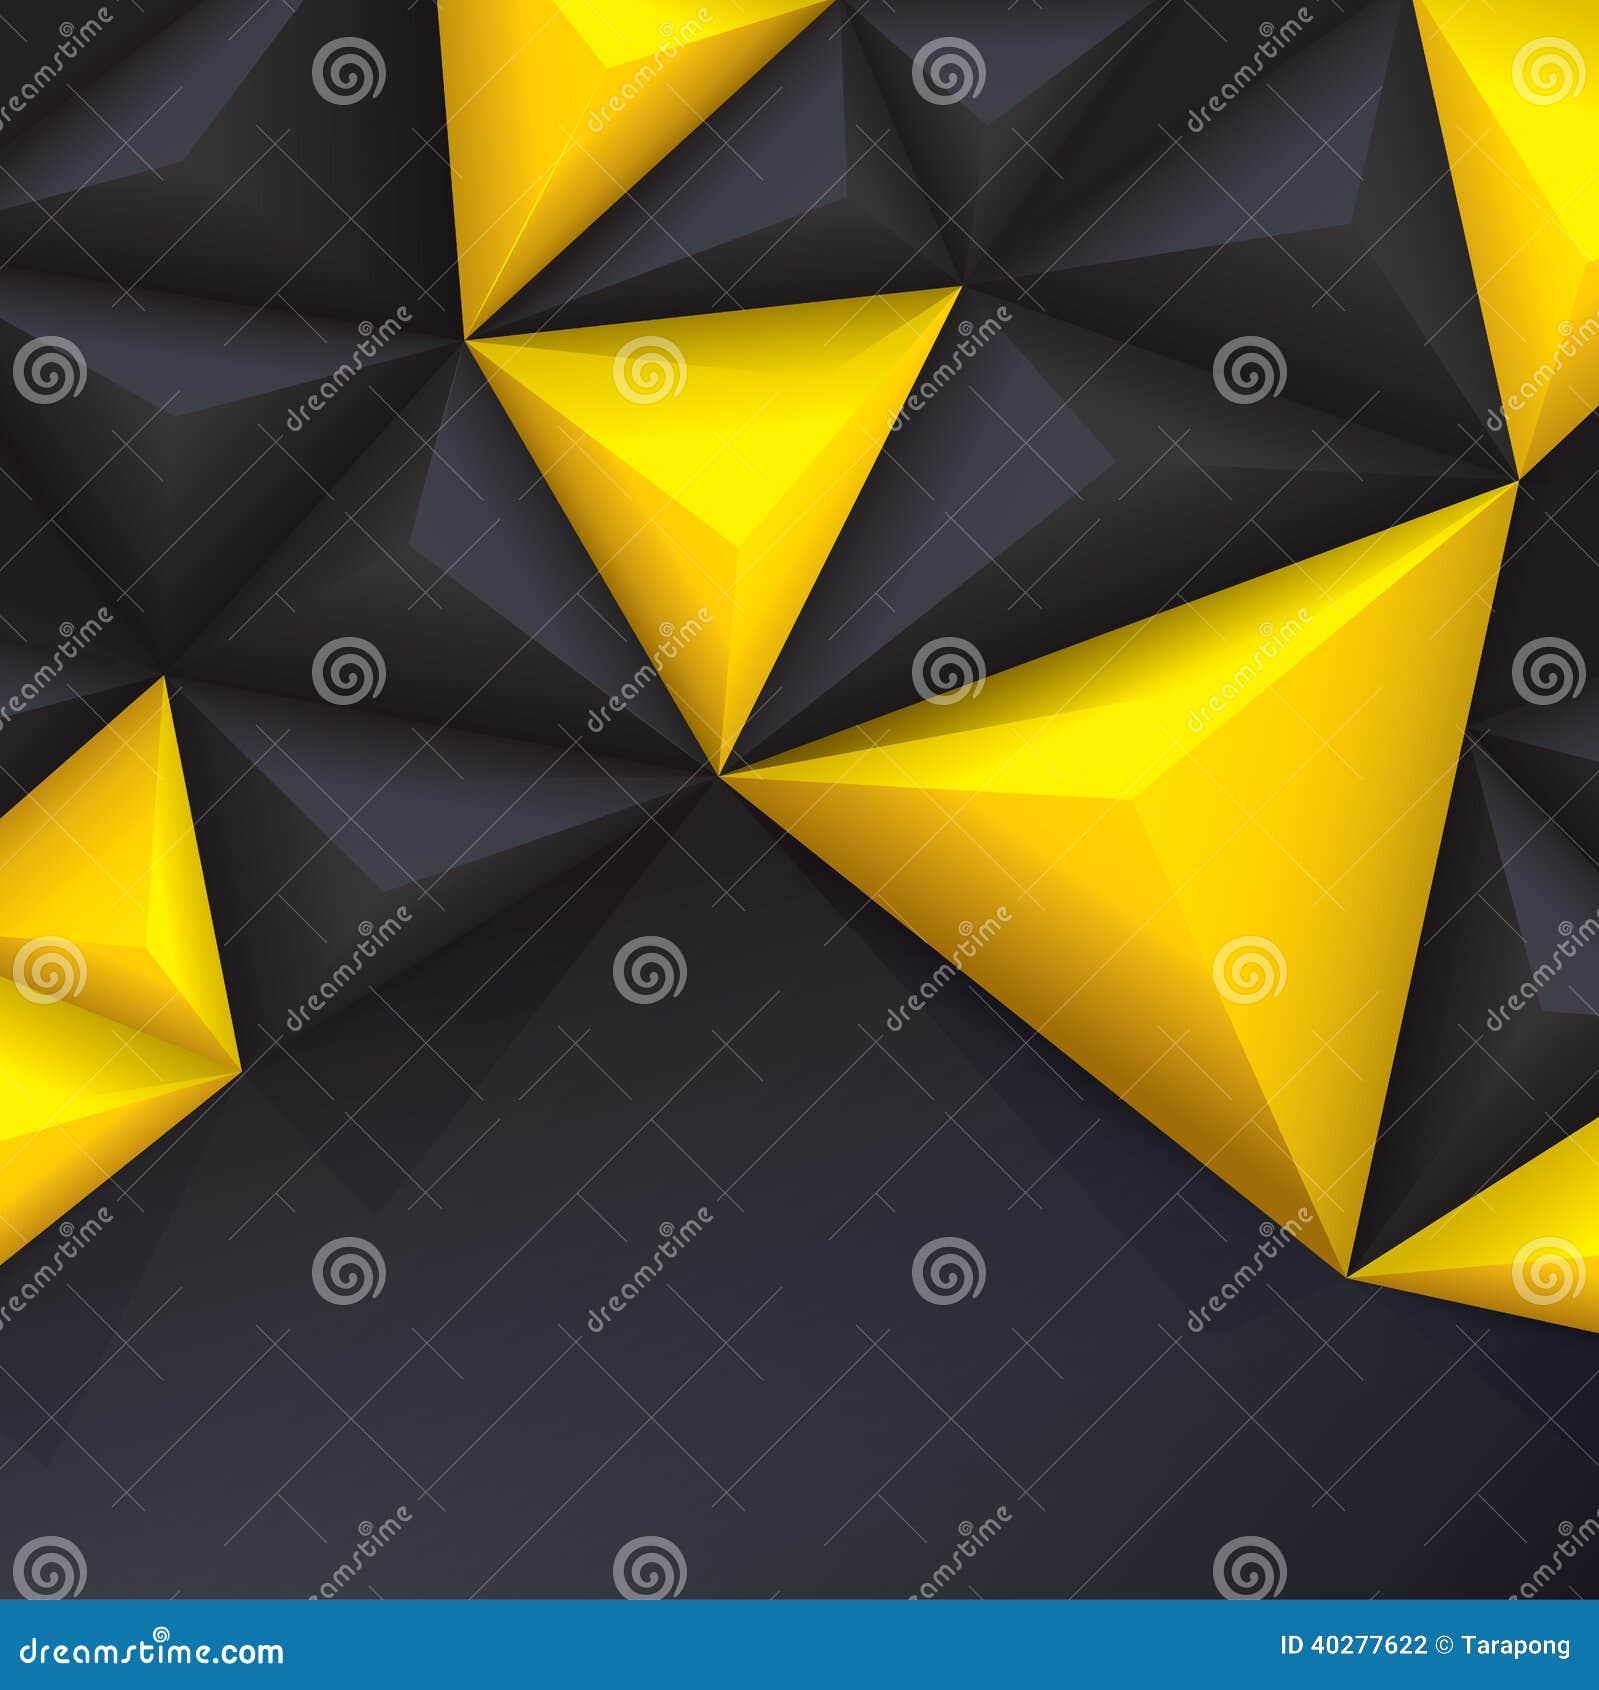 Предпосылка желтого и черного вектора геометрическая.